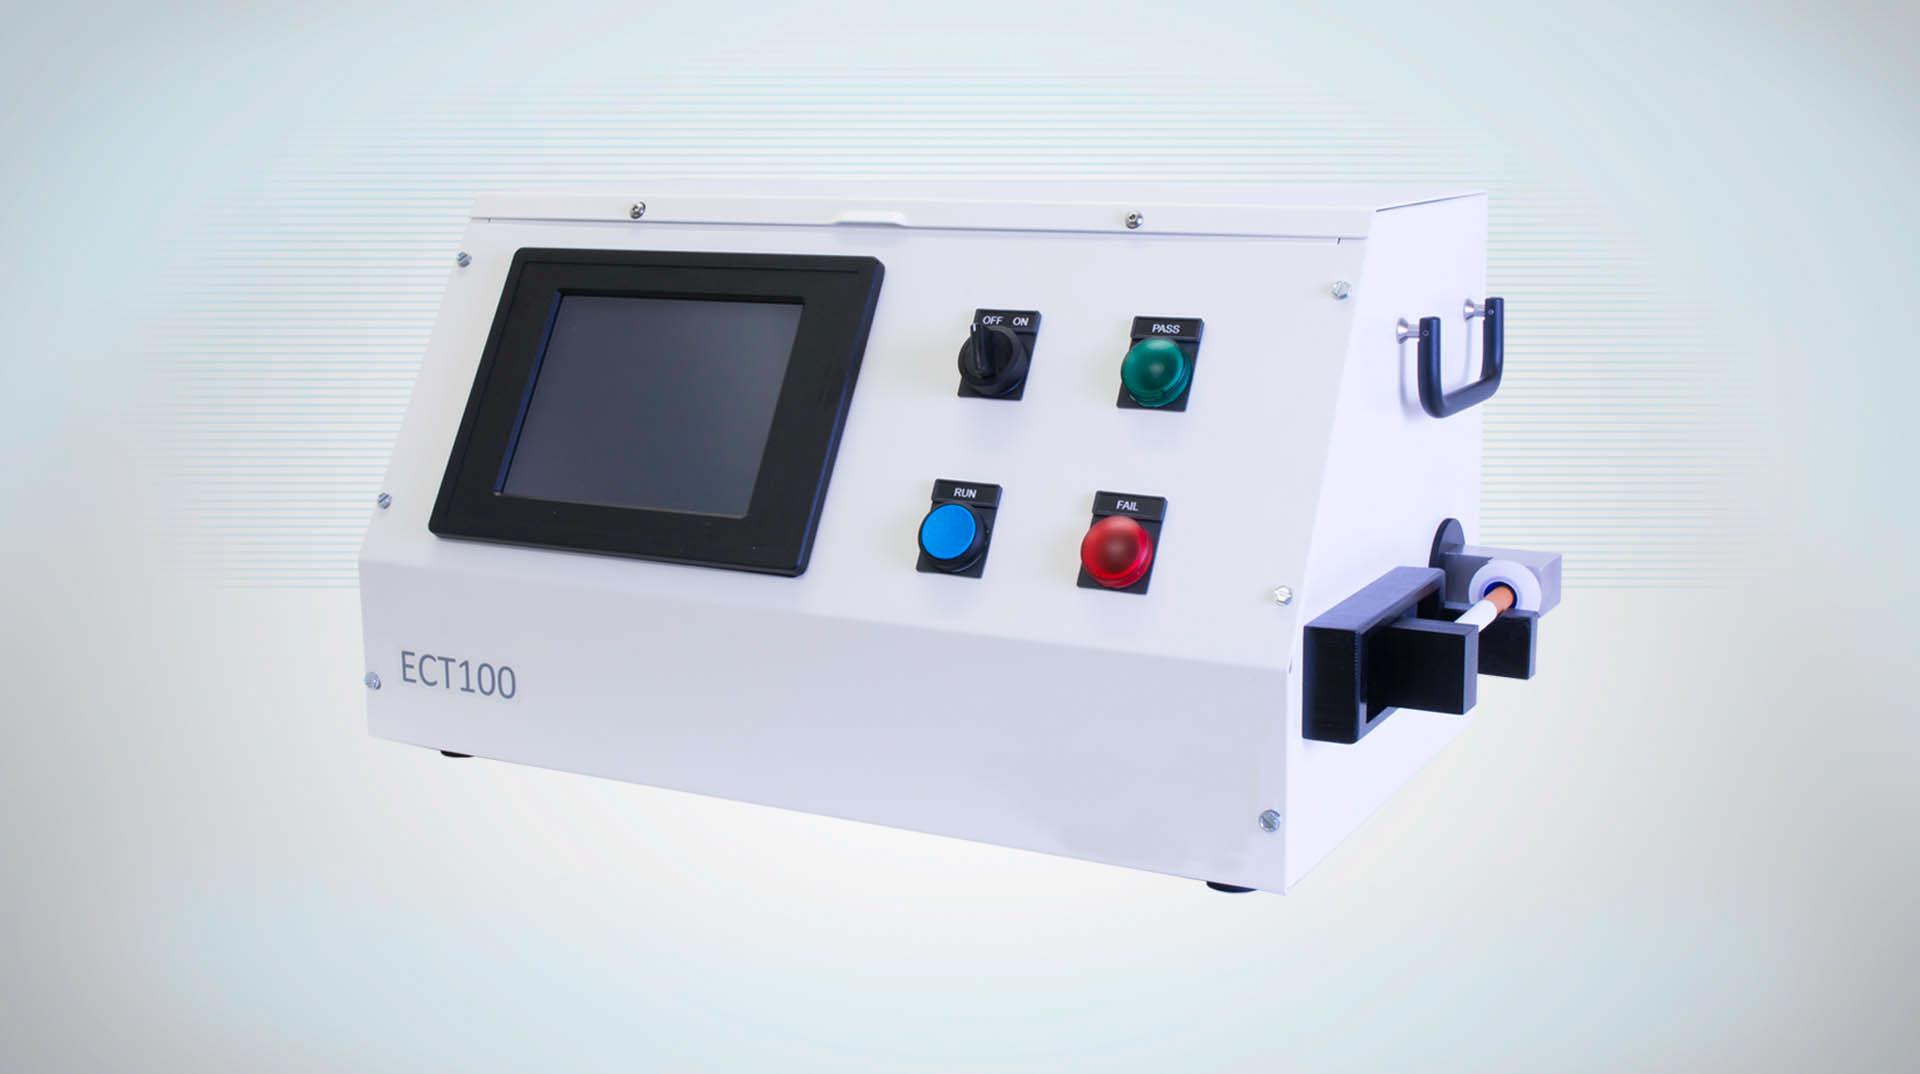 ECT100 - E-cig testing